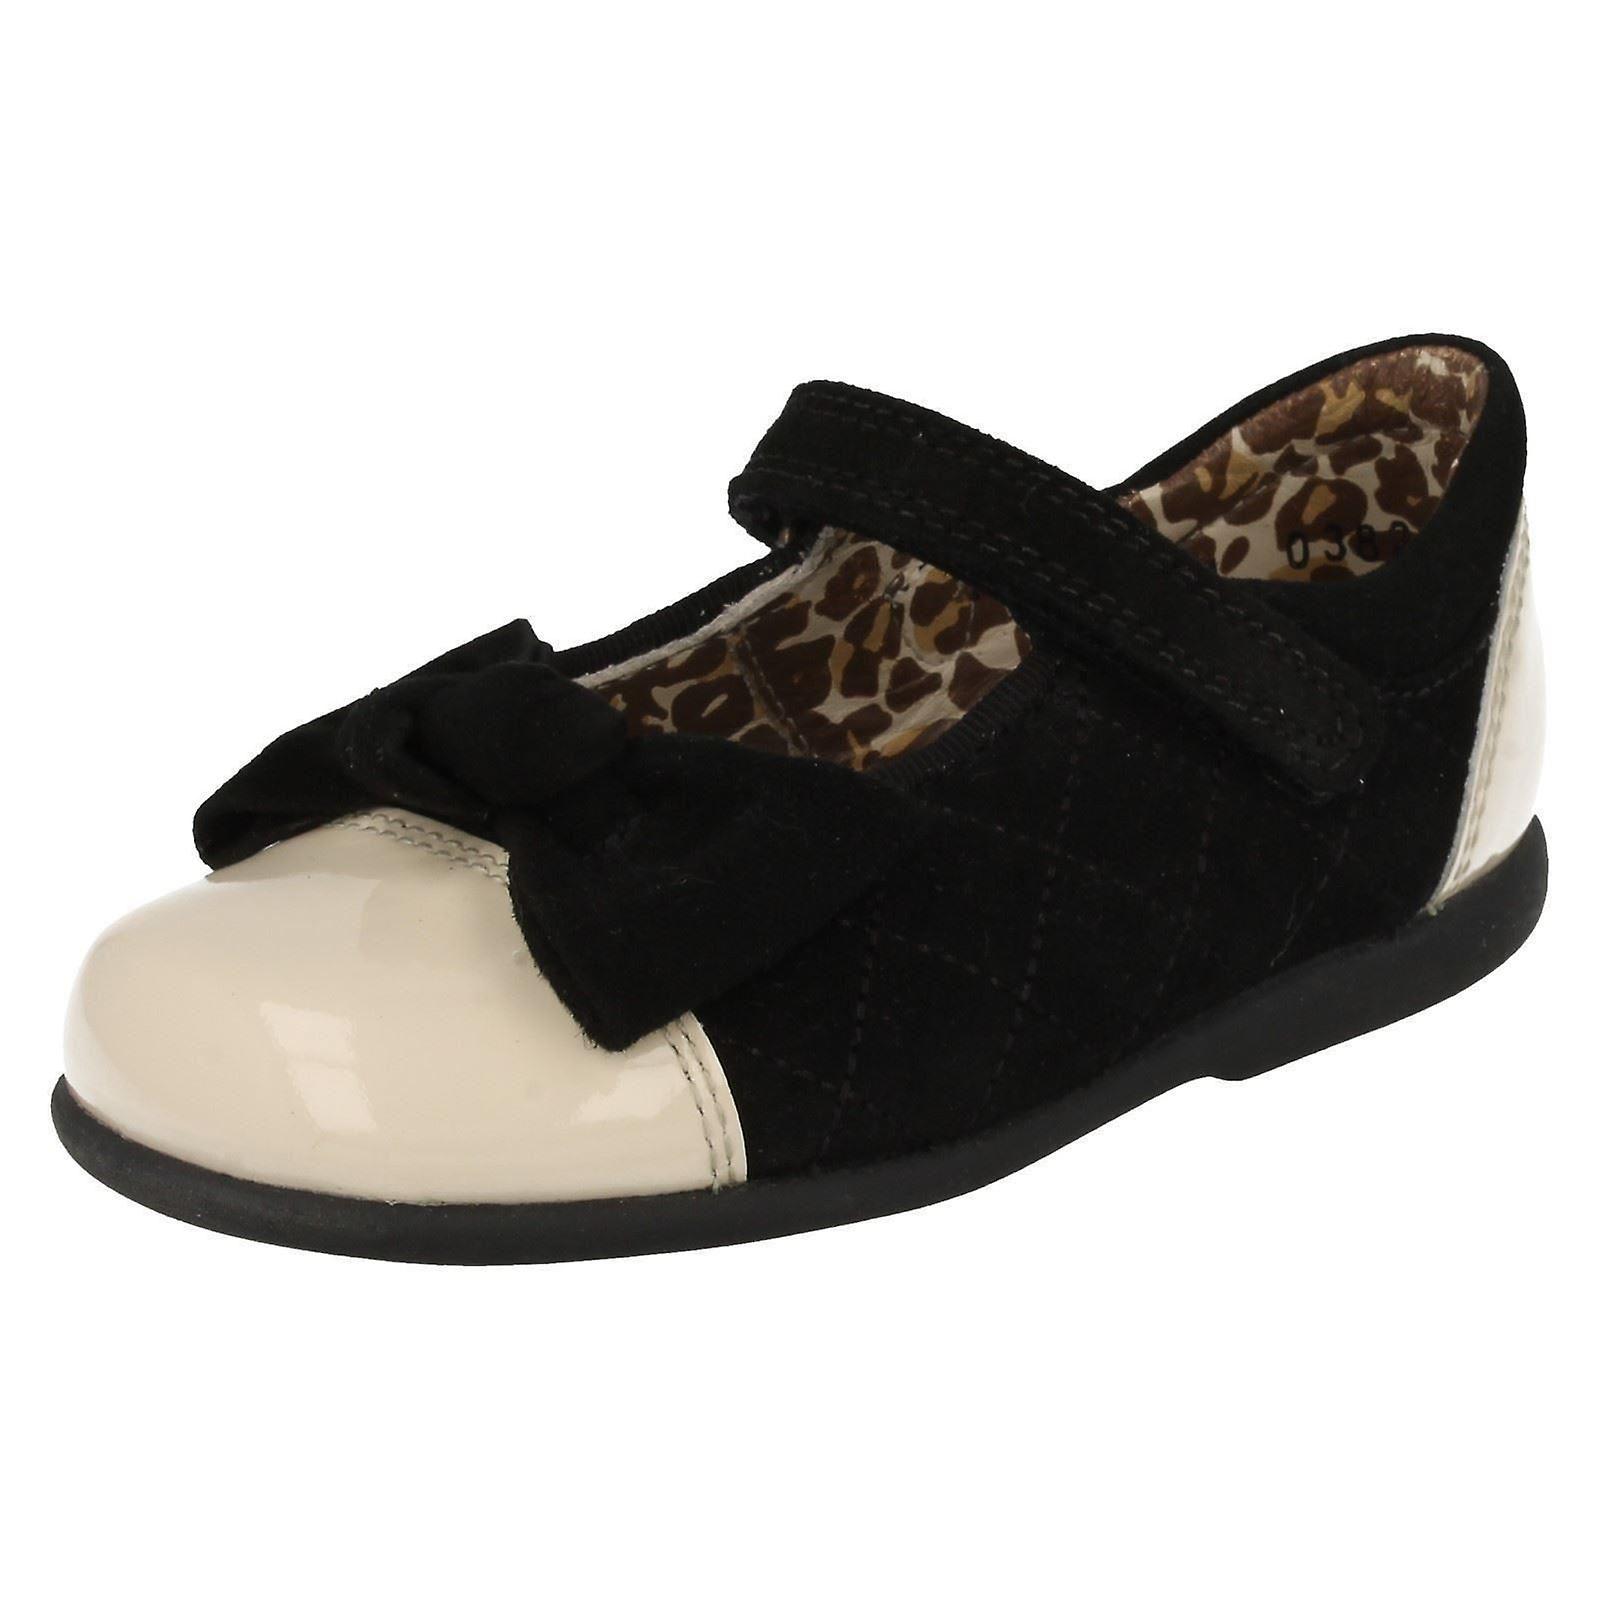 Mädchen Startrite Schuhe von Myleene Klass Belle